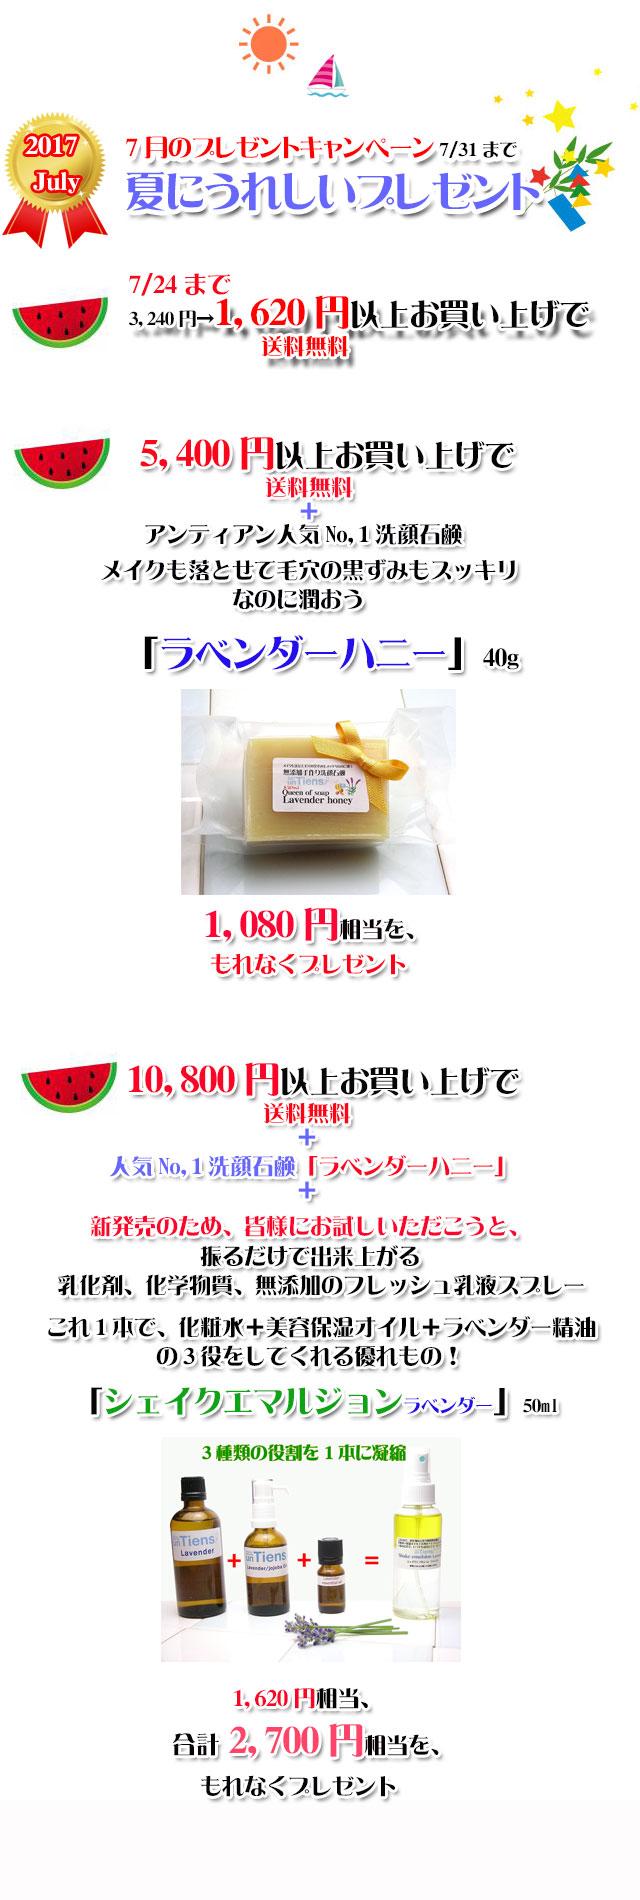 手作り石鹸アンティアン1707キャンペーンcopy